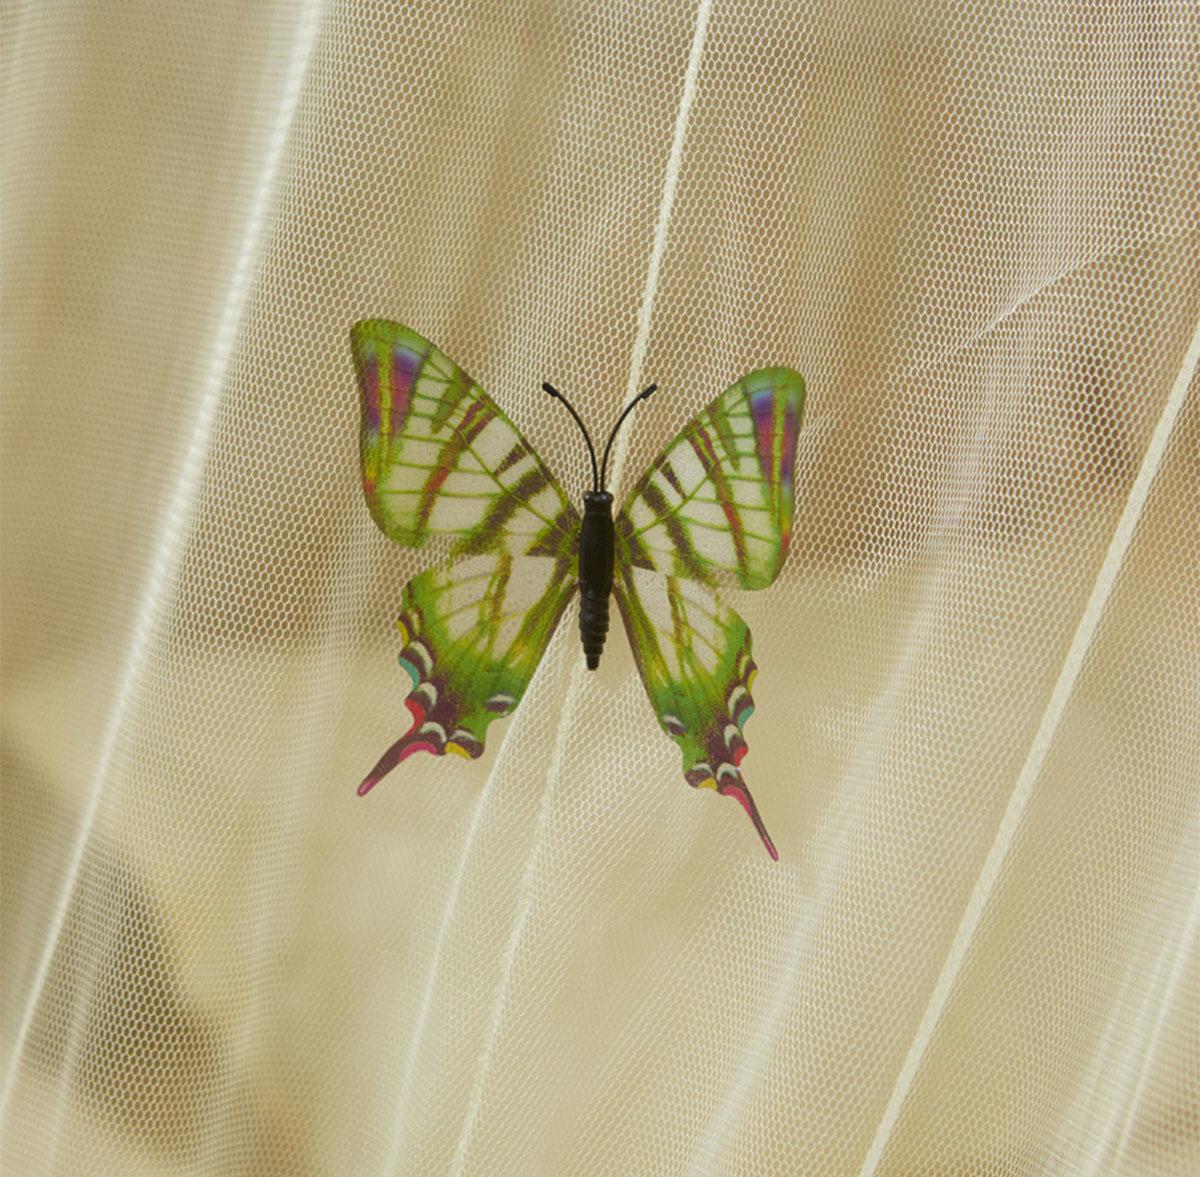 Myggnät 2 fjäril rev